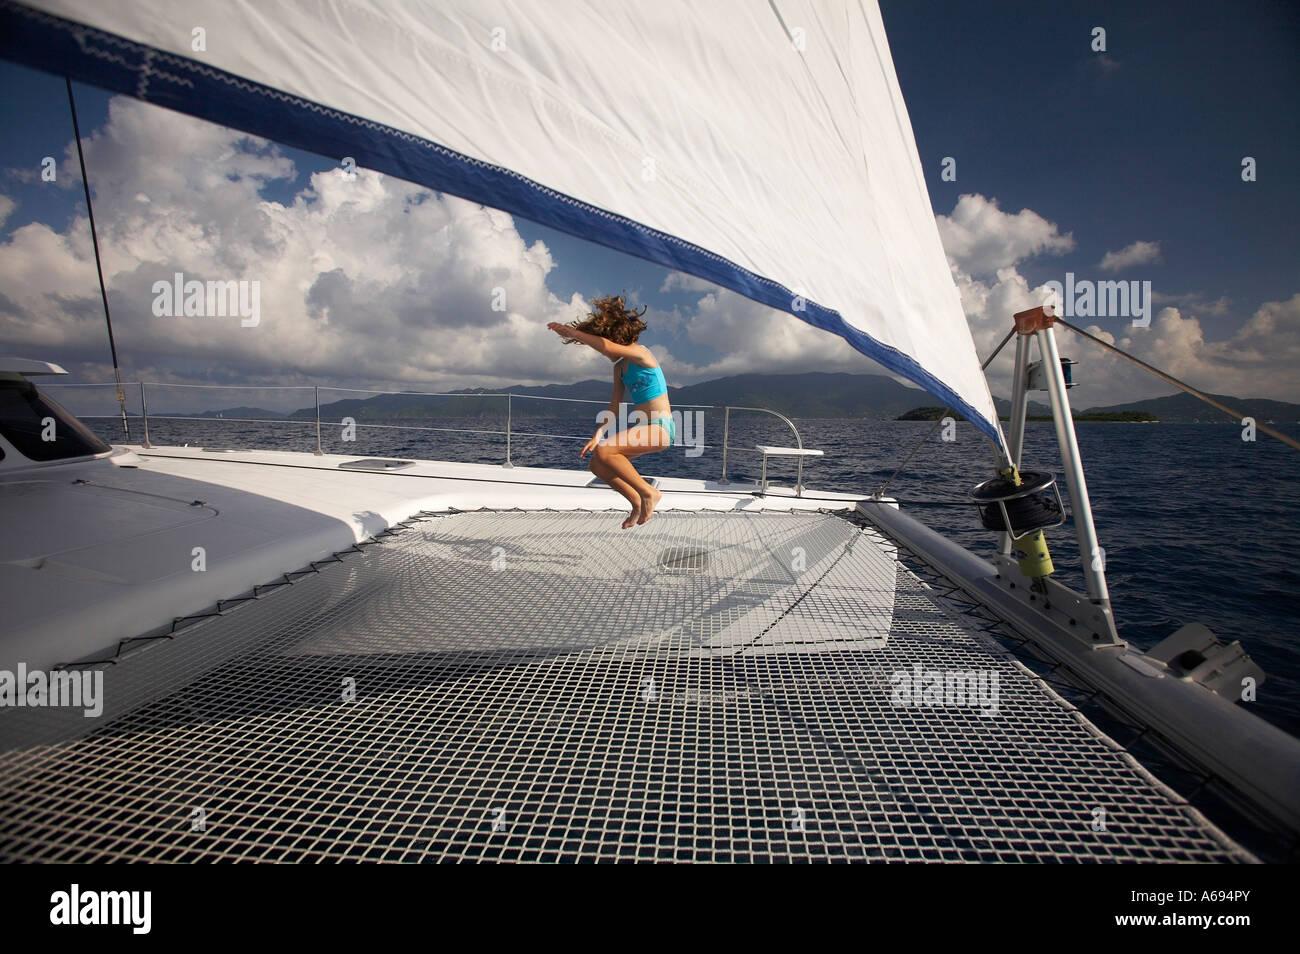 Voilier Catamaran dans les îles Vierges britanniques Banque D'Images